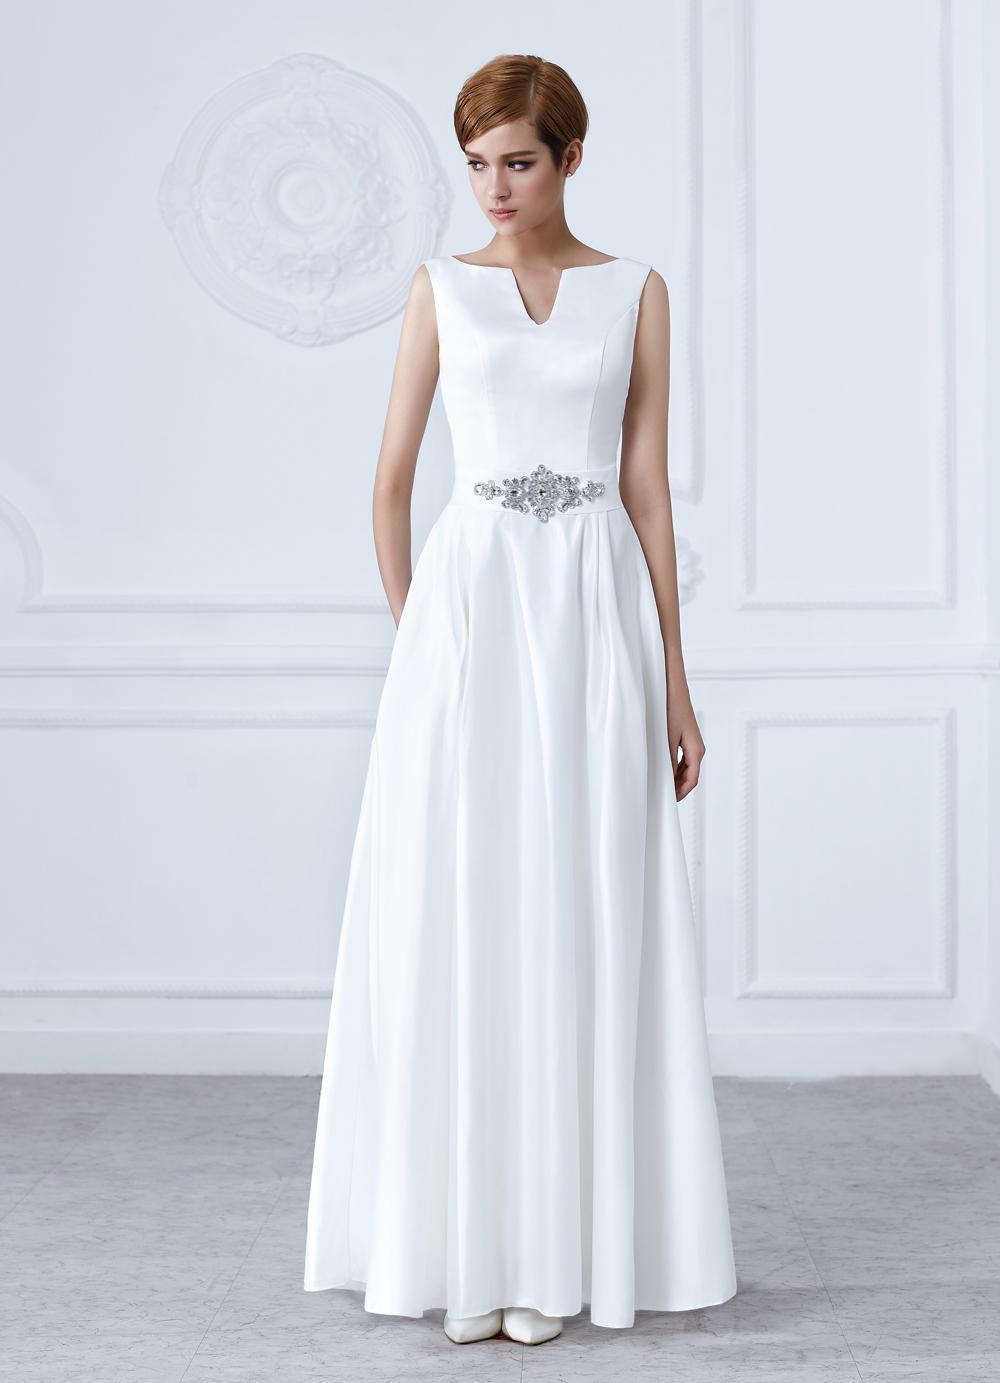 bc9c18e83 Dlhé svadobné šaty - 8 veľkostí - rôzne farby, 38 - 120 € | Svadobné shopy  | Mojasvadba.sk